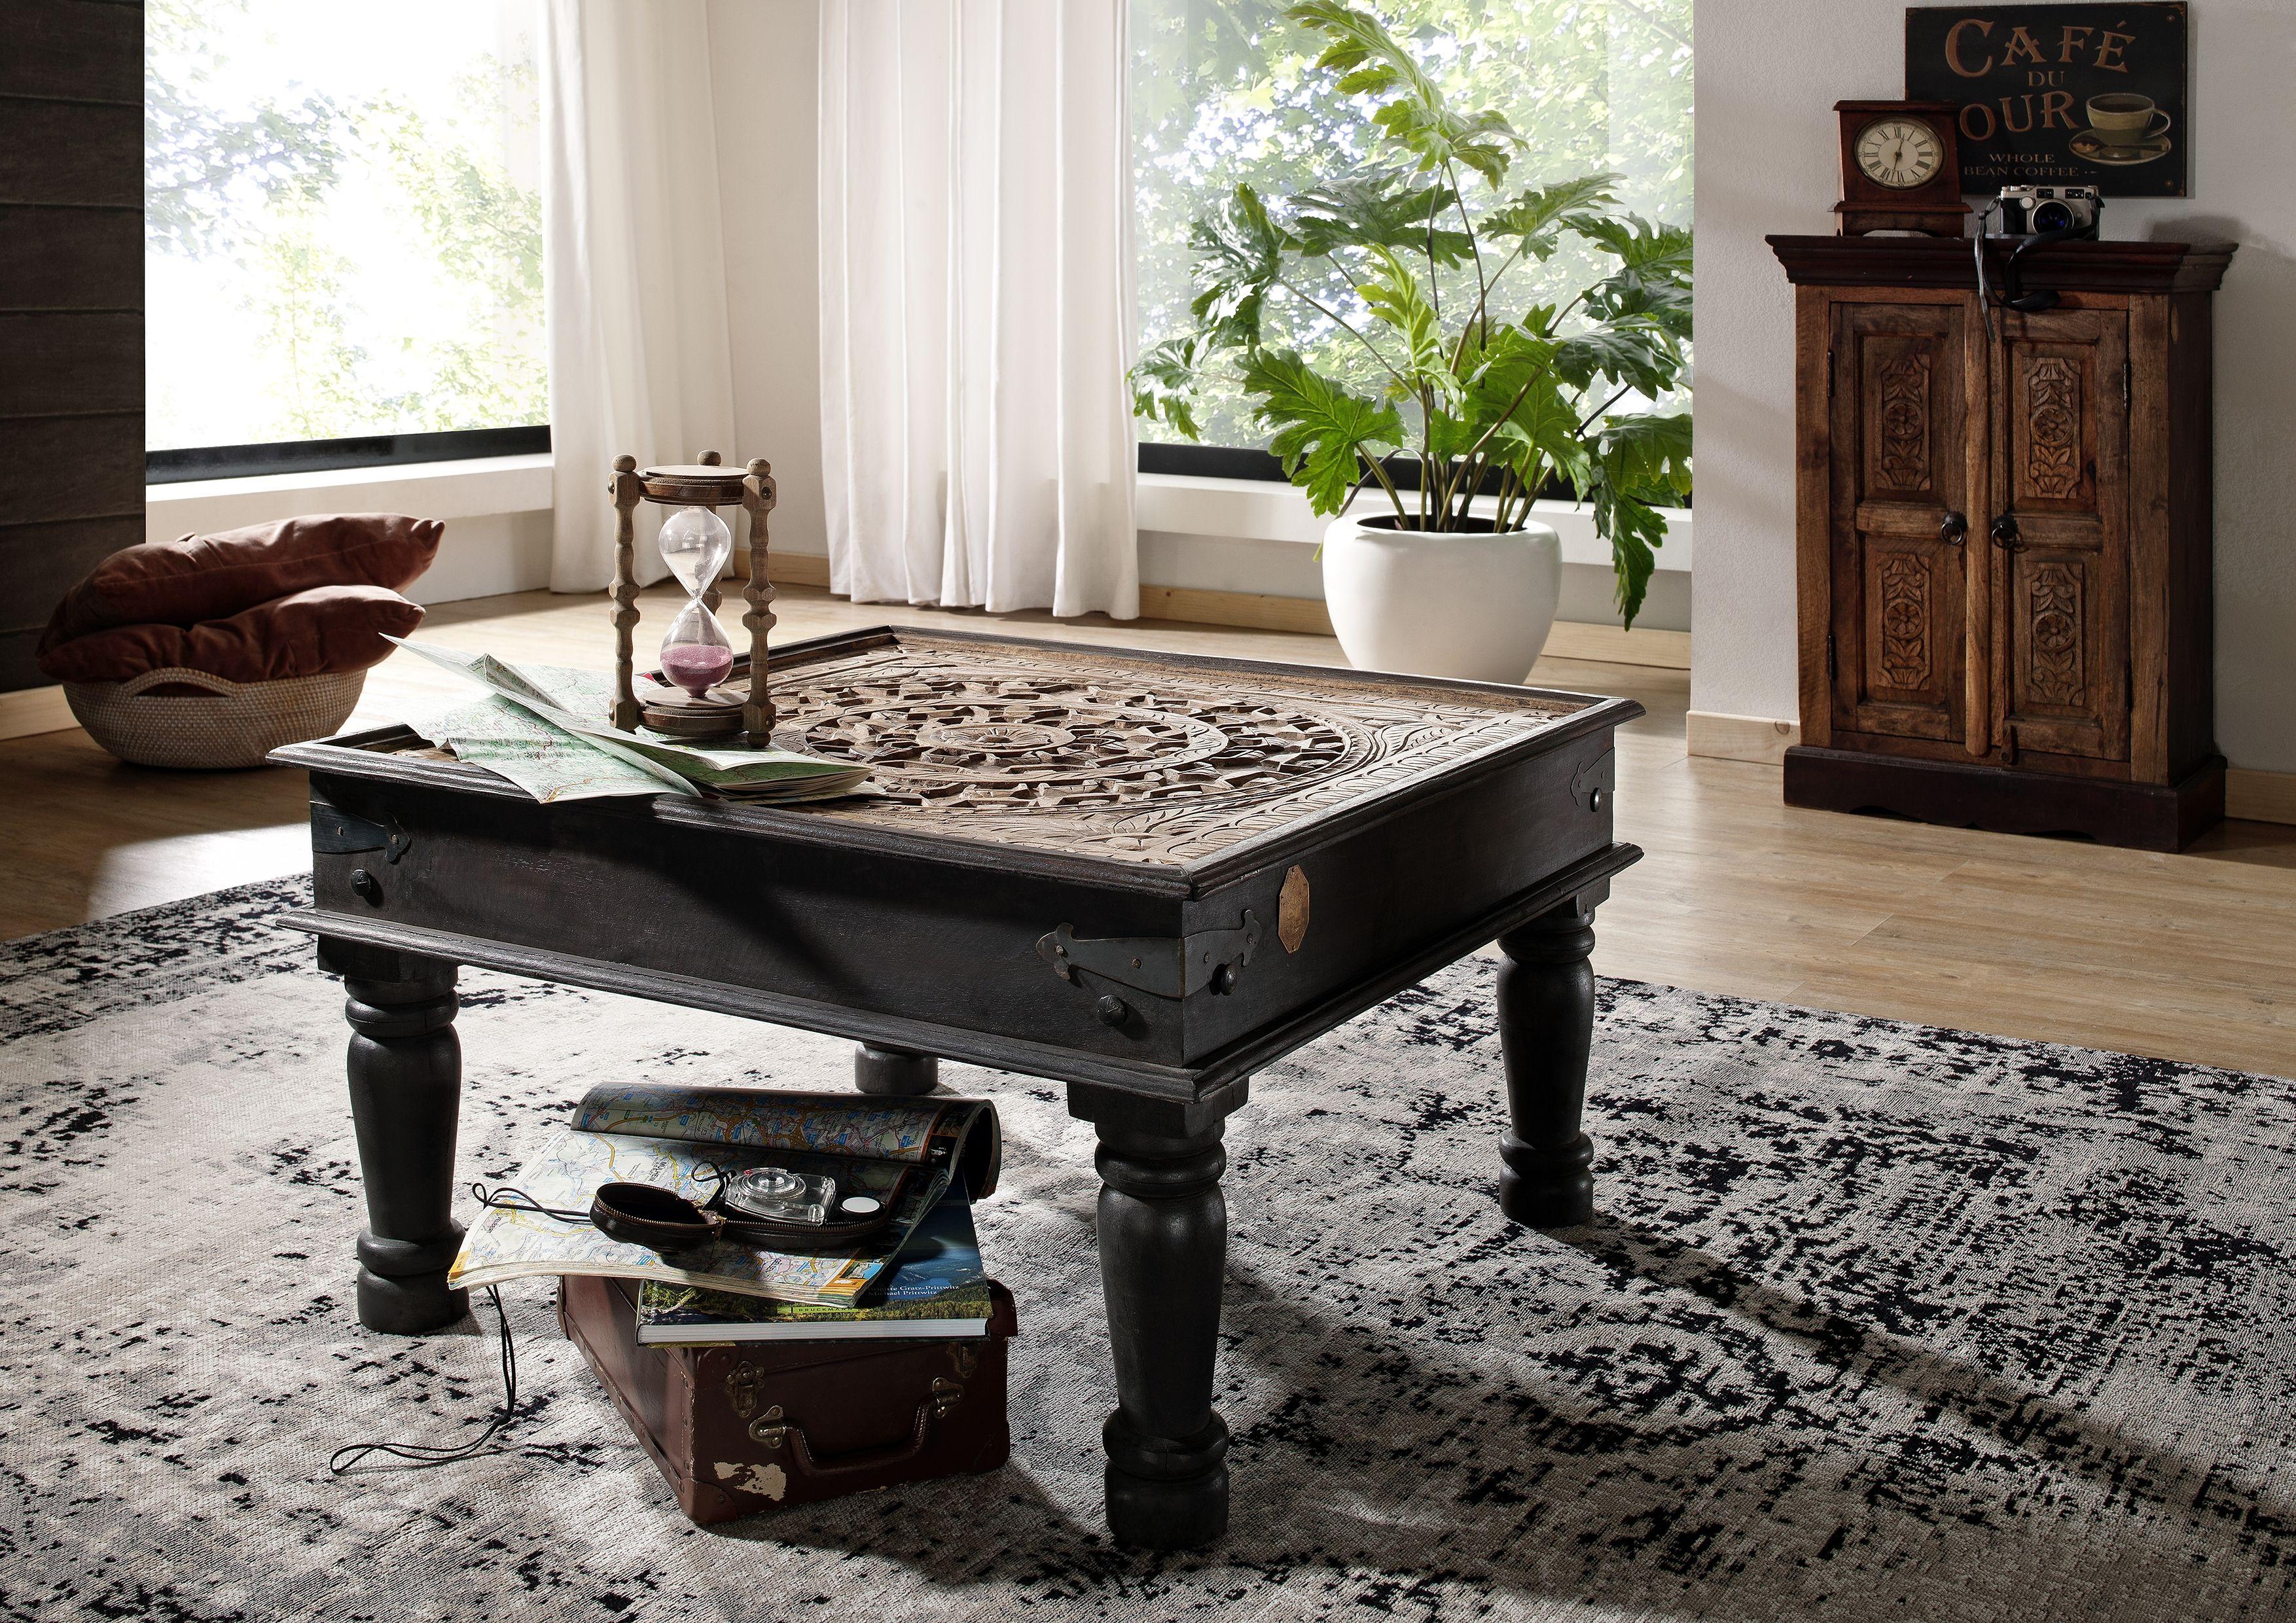 Kaffeetisch in antikem Stil. Die faszinierenden Möbel der Serie ...